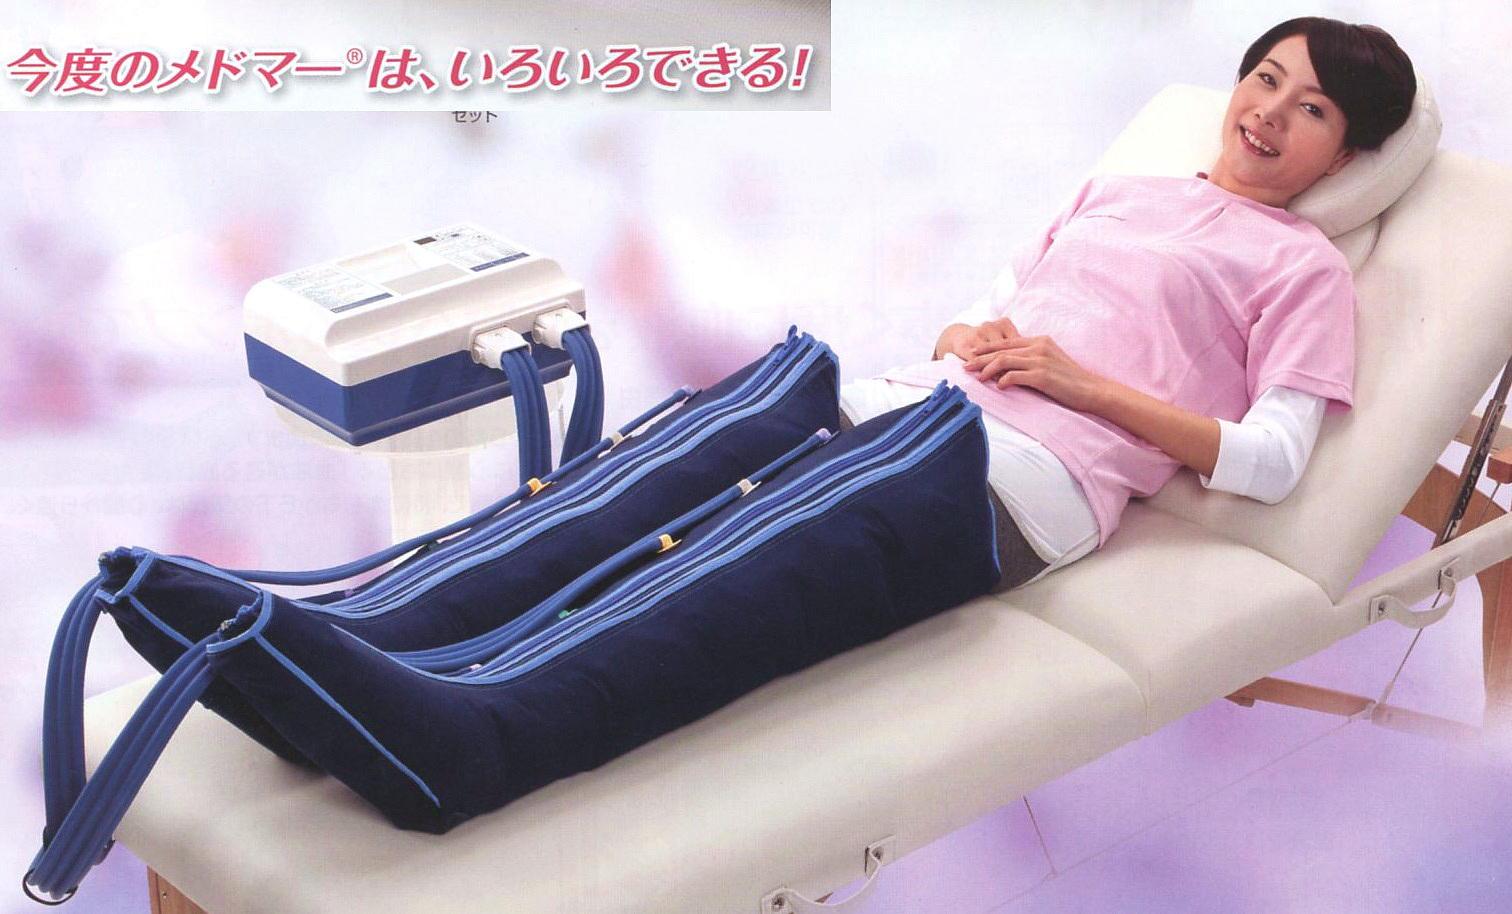 【メドー産業 メドマー 血行促進】エアーマッサージ器 フィジカルメドマー PM-8000 ブーツMセット【マッサージ 疲労回復 筋肉 神経痛 筋肉痛 エアロテラピー ふくらはぎ 医療 介護】